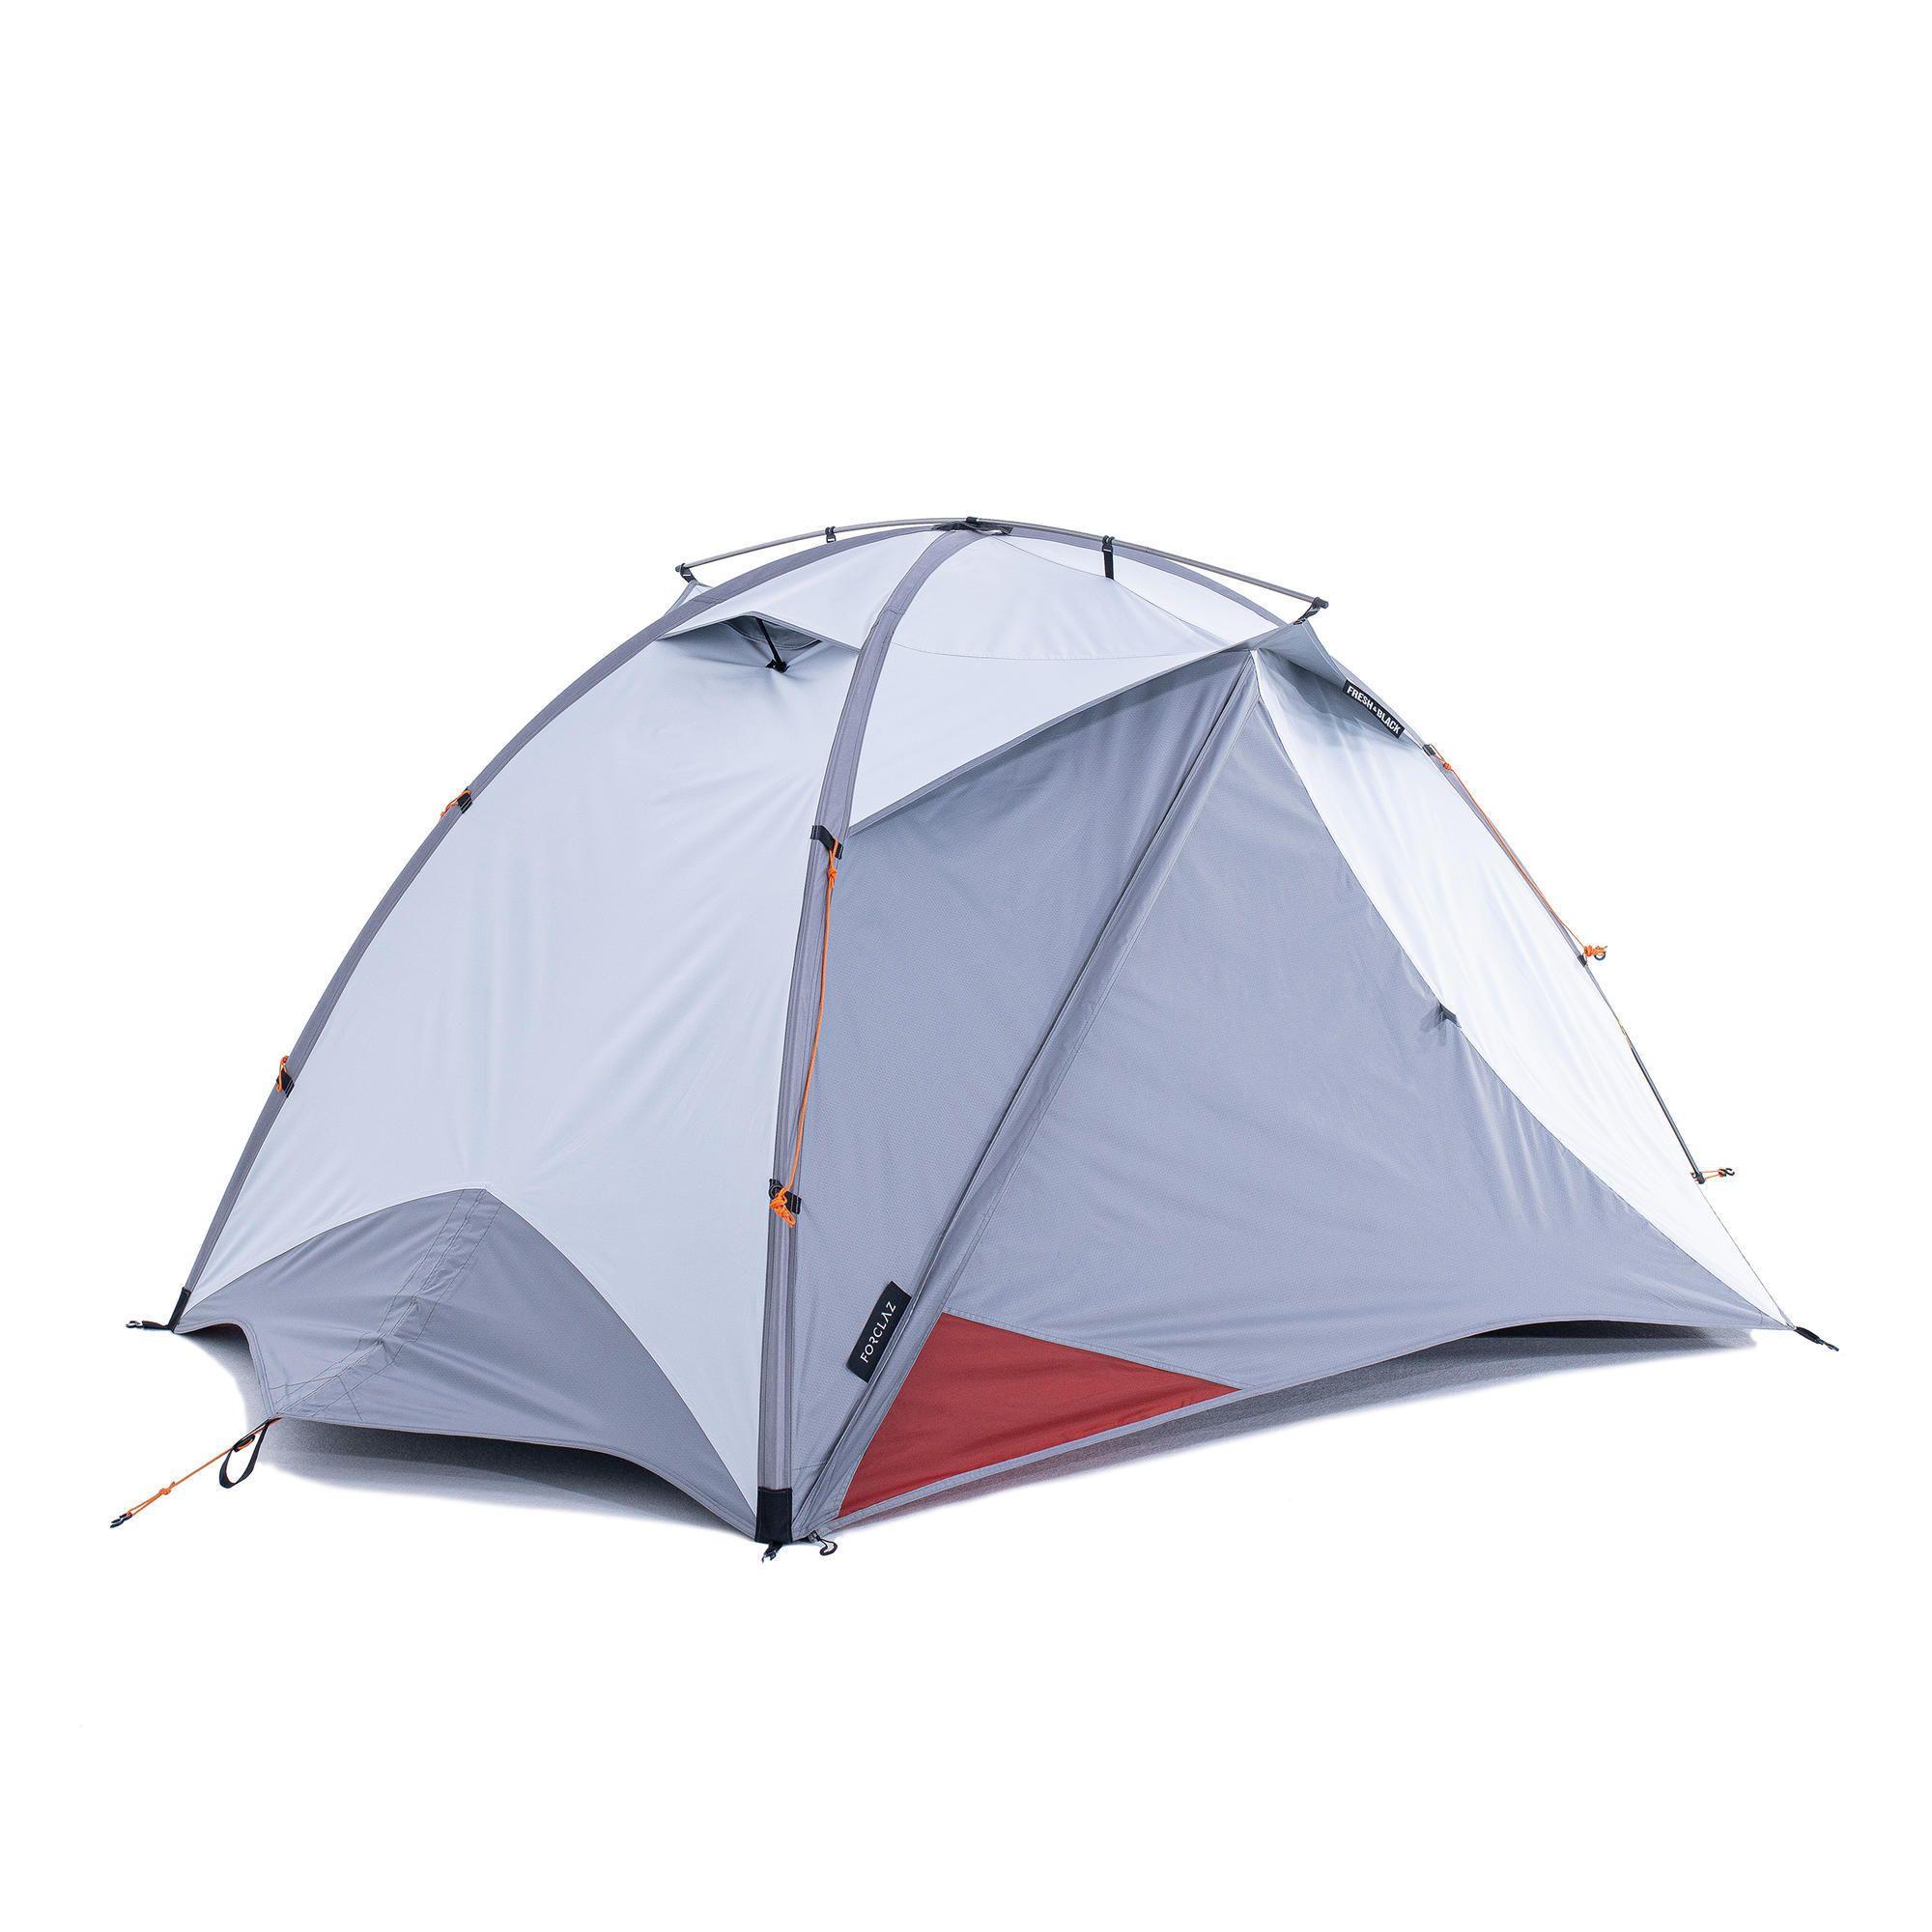 Double Toit Piece Detachee Pour La Tente Trek 500 3 Personnes Fresh Black En 2020 Tente Dome Les Saisons Trekking